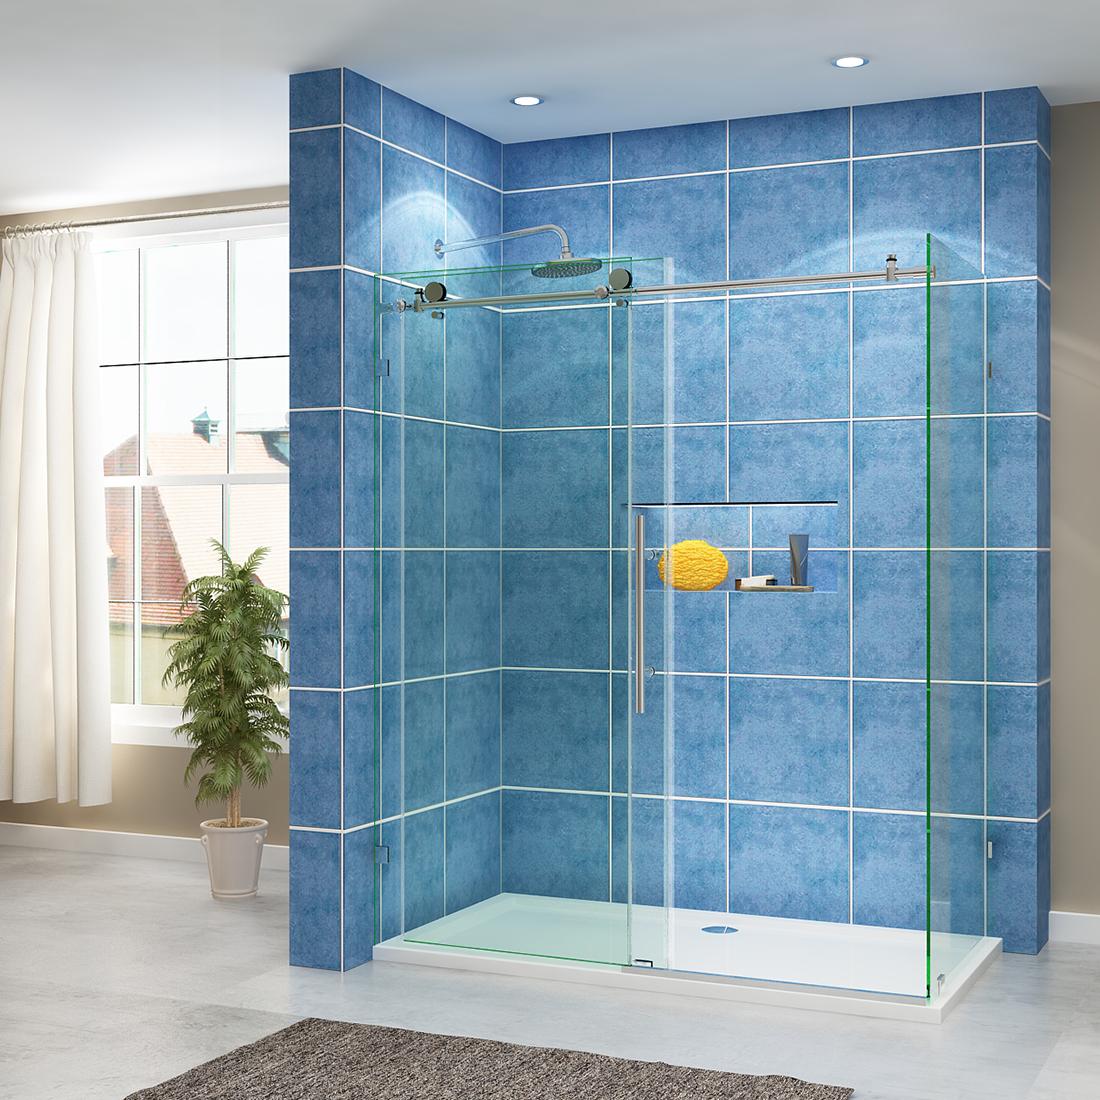 SUNNY DEPOT Frameless Sliding Shower Enclosure Brushed Nickel 60\